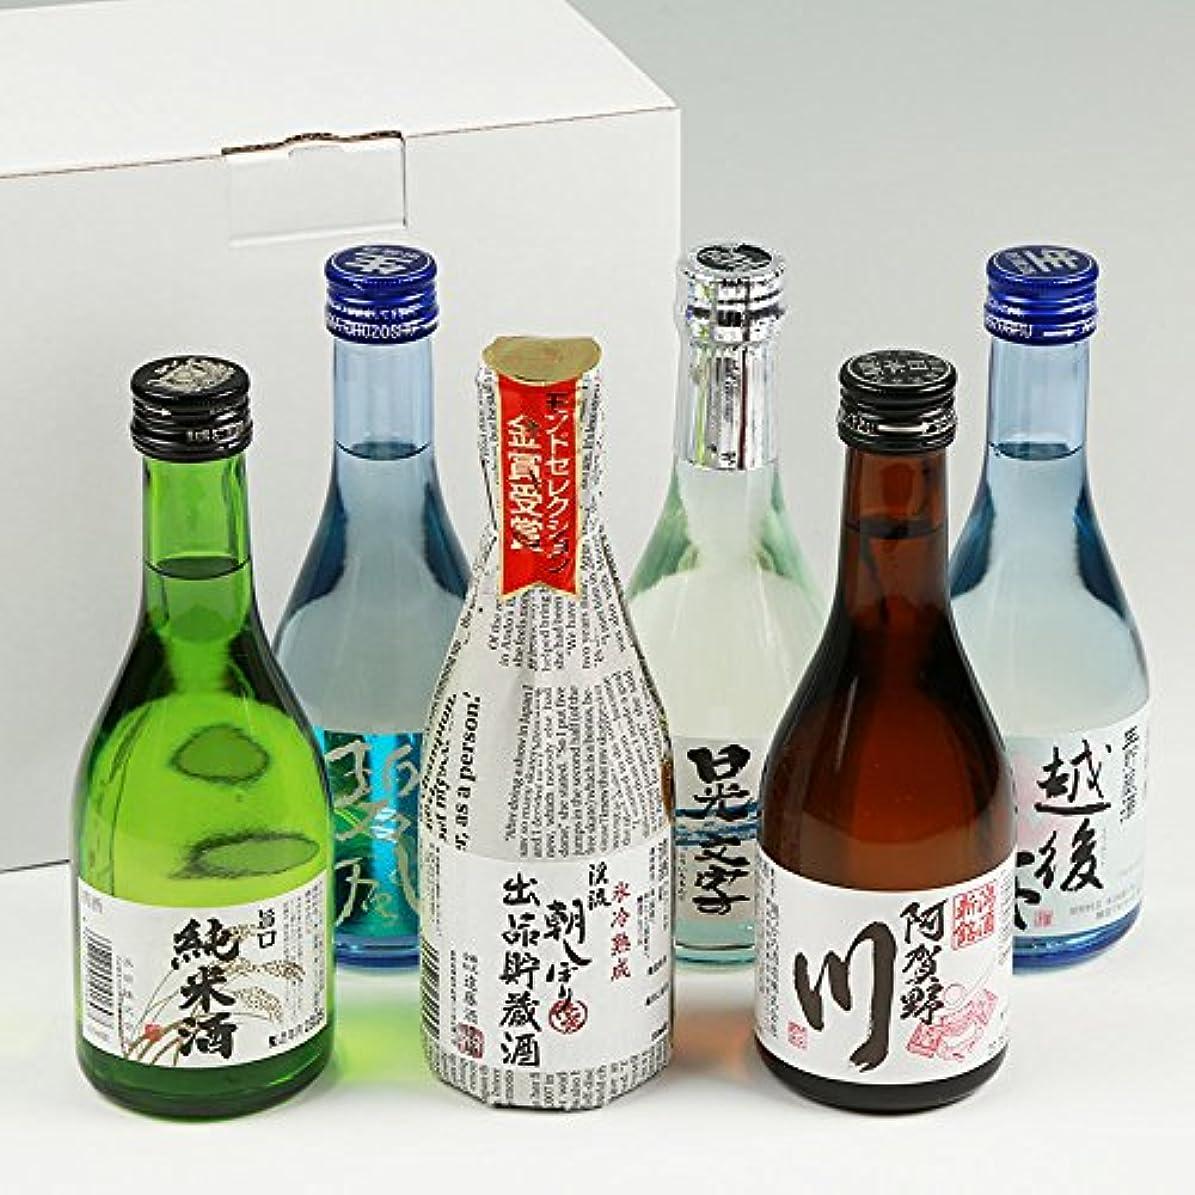 転倒追加するビジターお酒 日本酒 飲み比べ セット 金賞受賞酒 飲みきりサイズ 300ml×6本